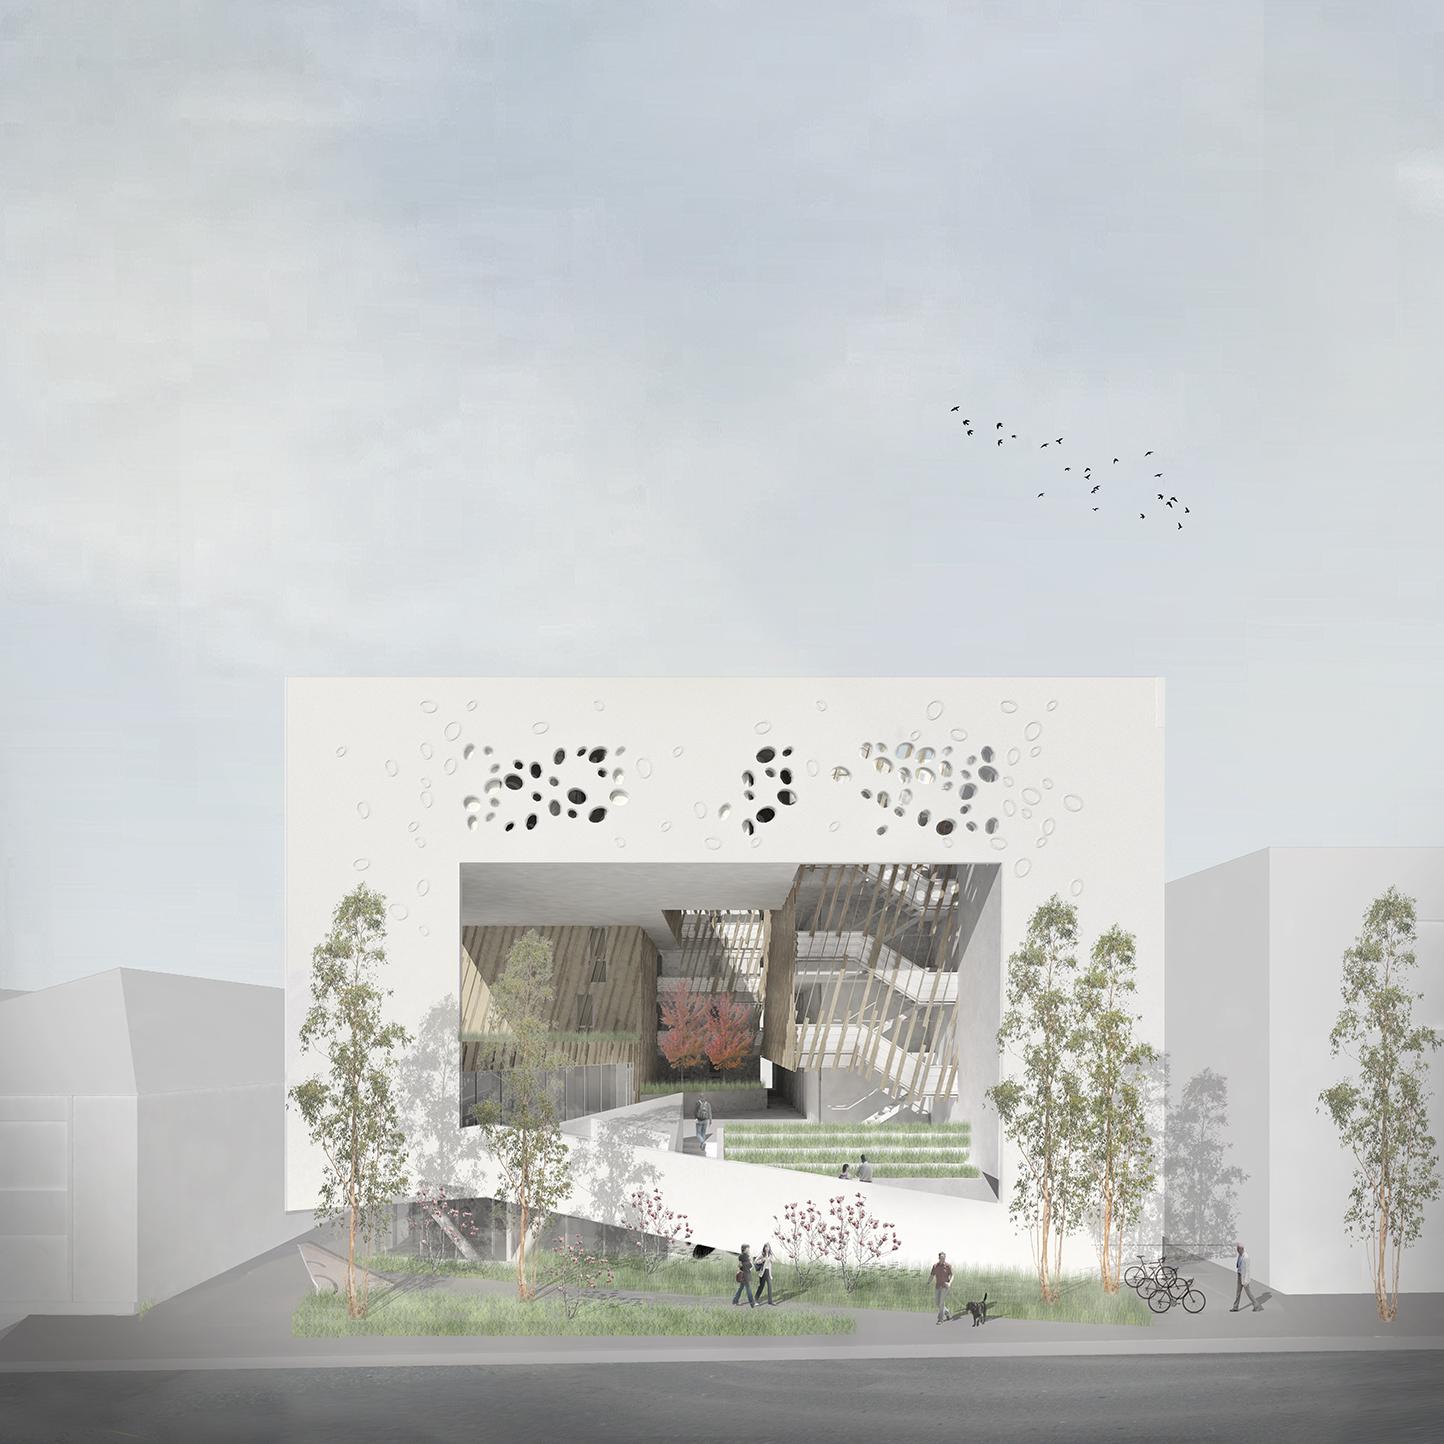 〔안정원의 건축 칼럼〕 개방적인 중정형 공간을 통해 커뮤니티 중심의 상호 작용형 공간 2